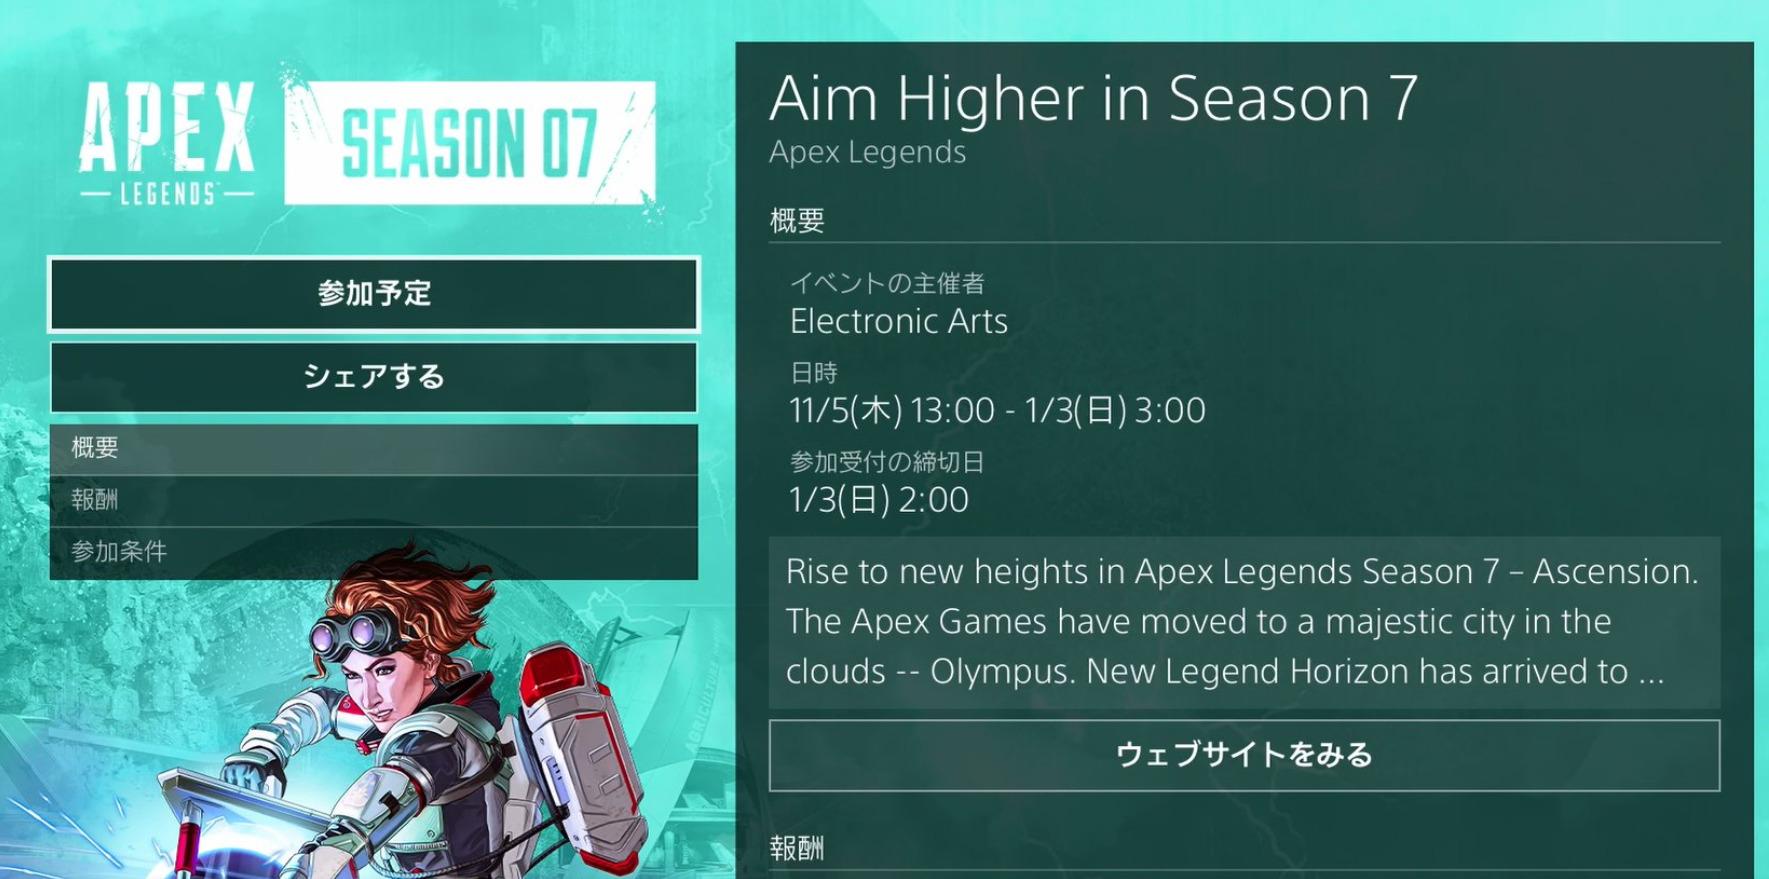 【Apex Legends】シーズン7 はいつまで?【エーペックスレジェンズ】